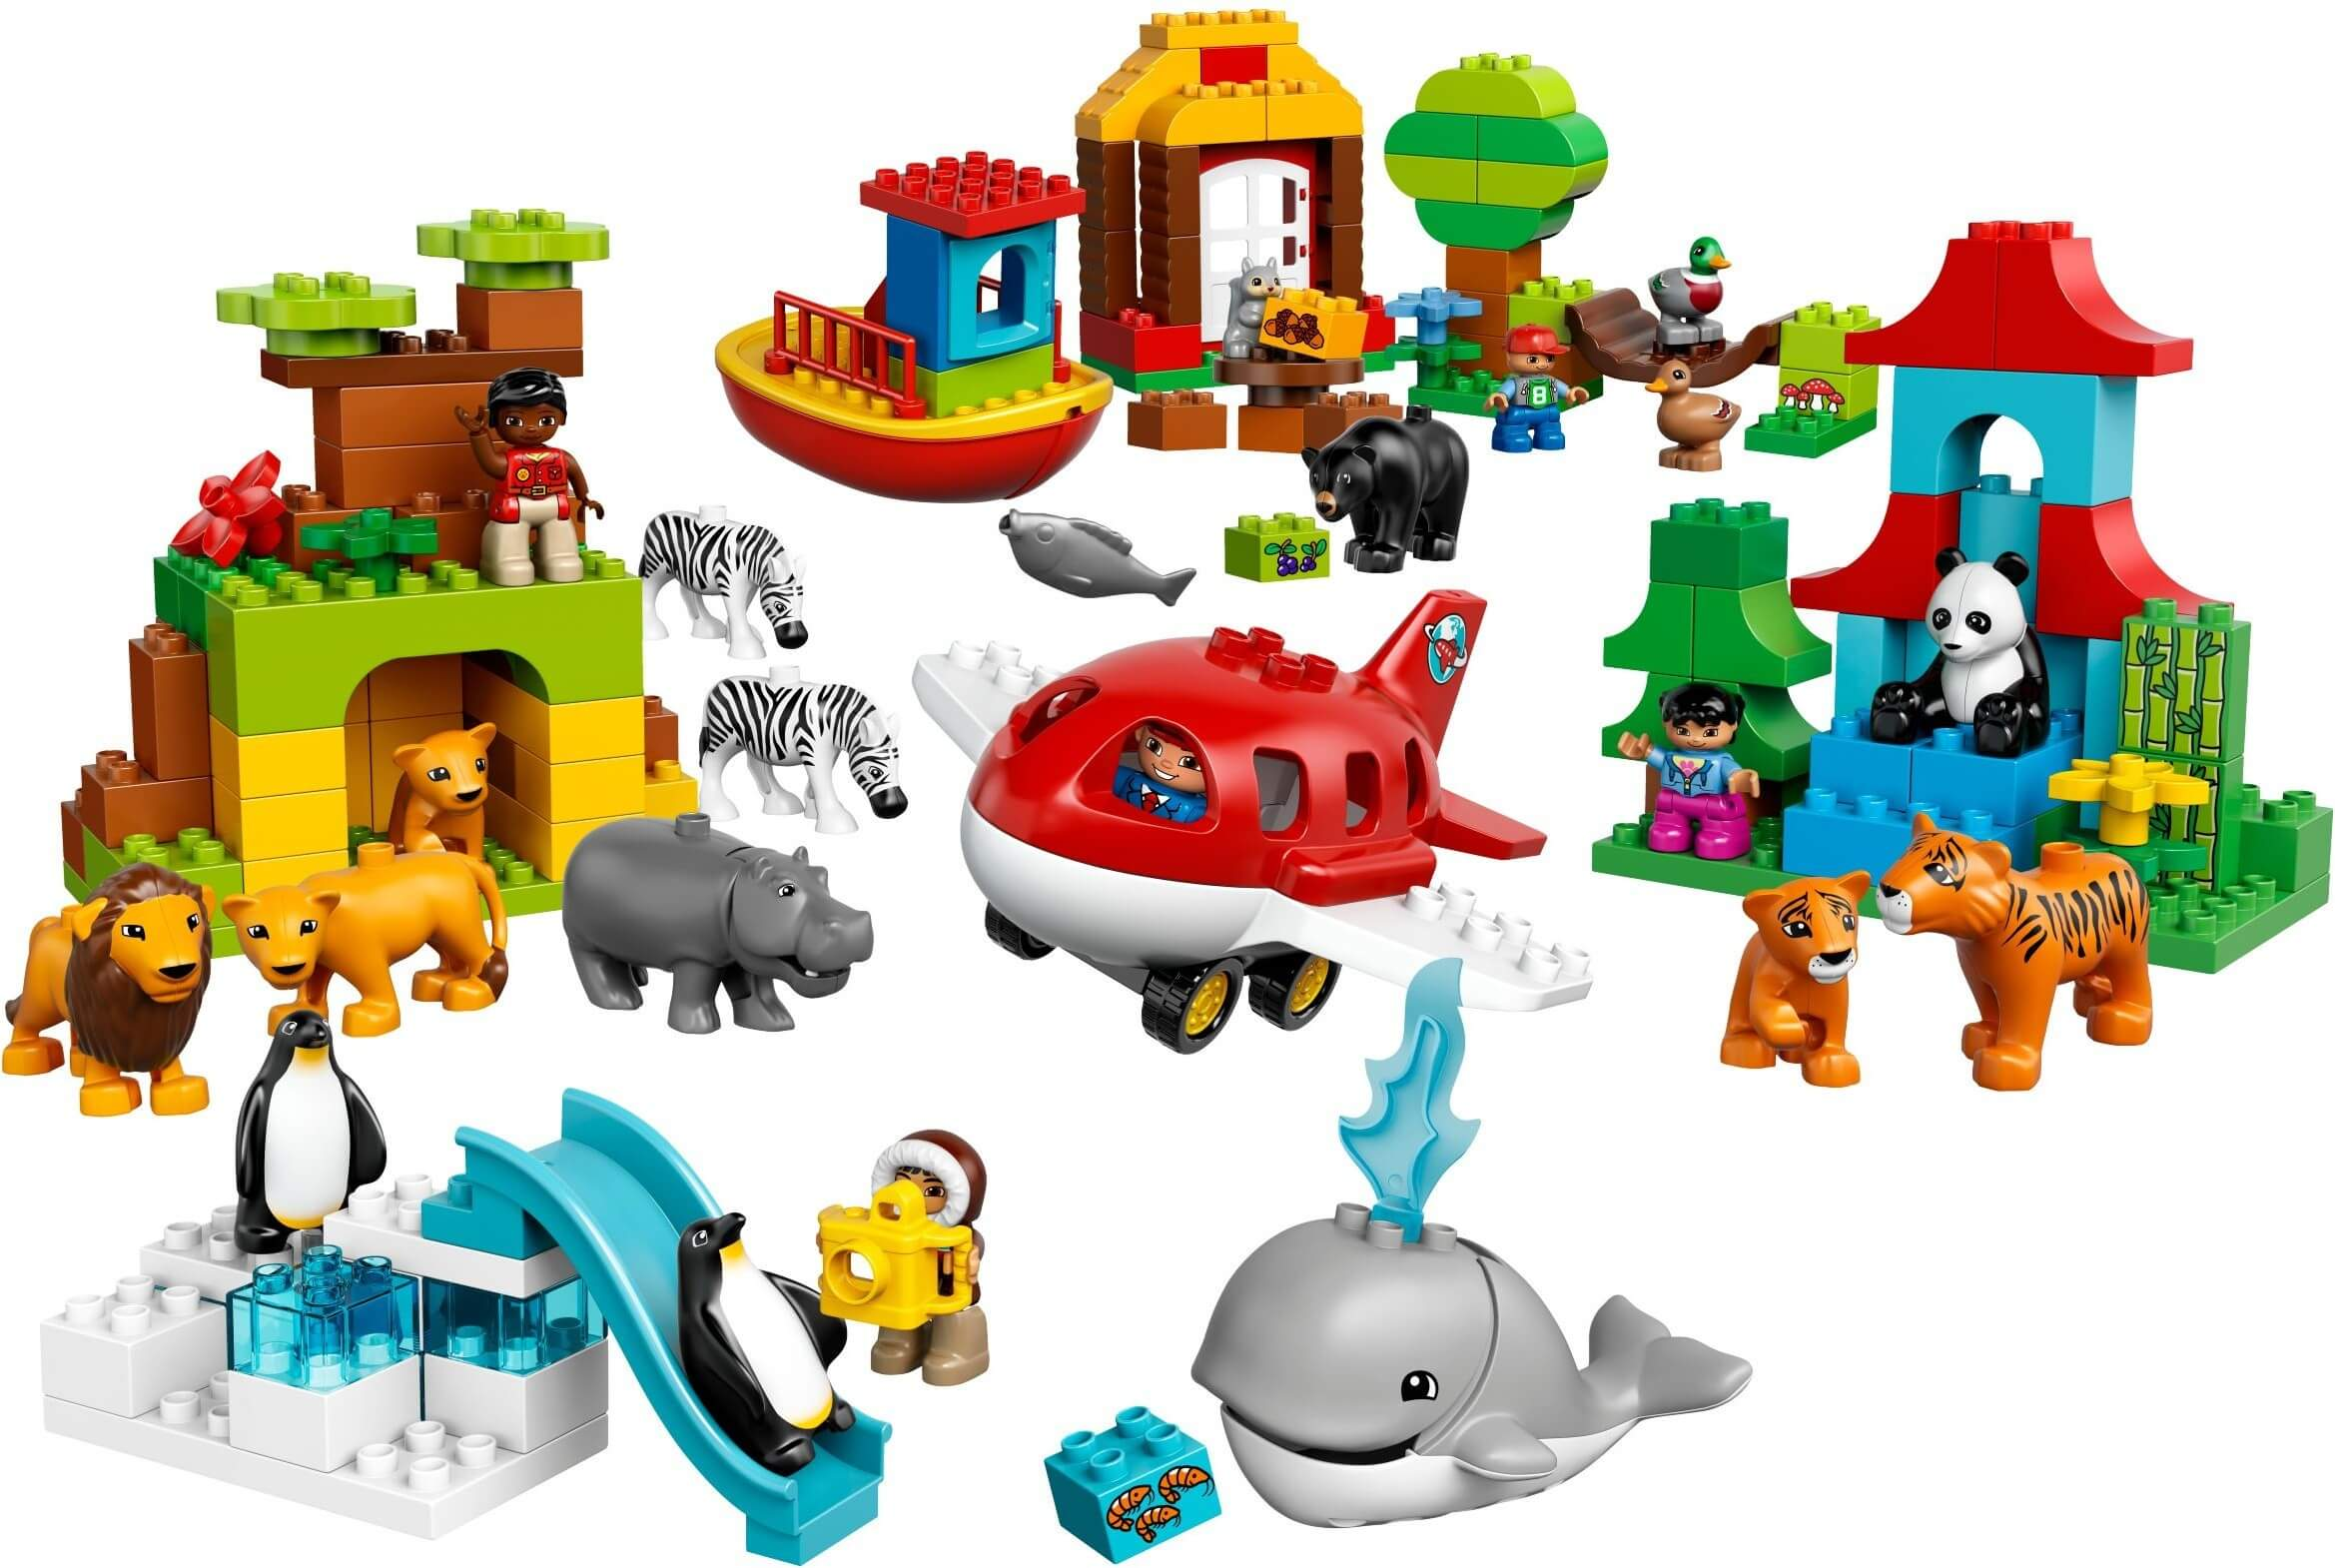 Mua đồ chơi LEGO 10805 - LEGO DUPLO 10805 - Bộ Mô Hình Du Lịch Vòng Quanh Thế Giới (LEGO DUPLO Around the World 10805)